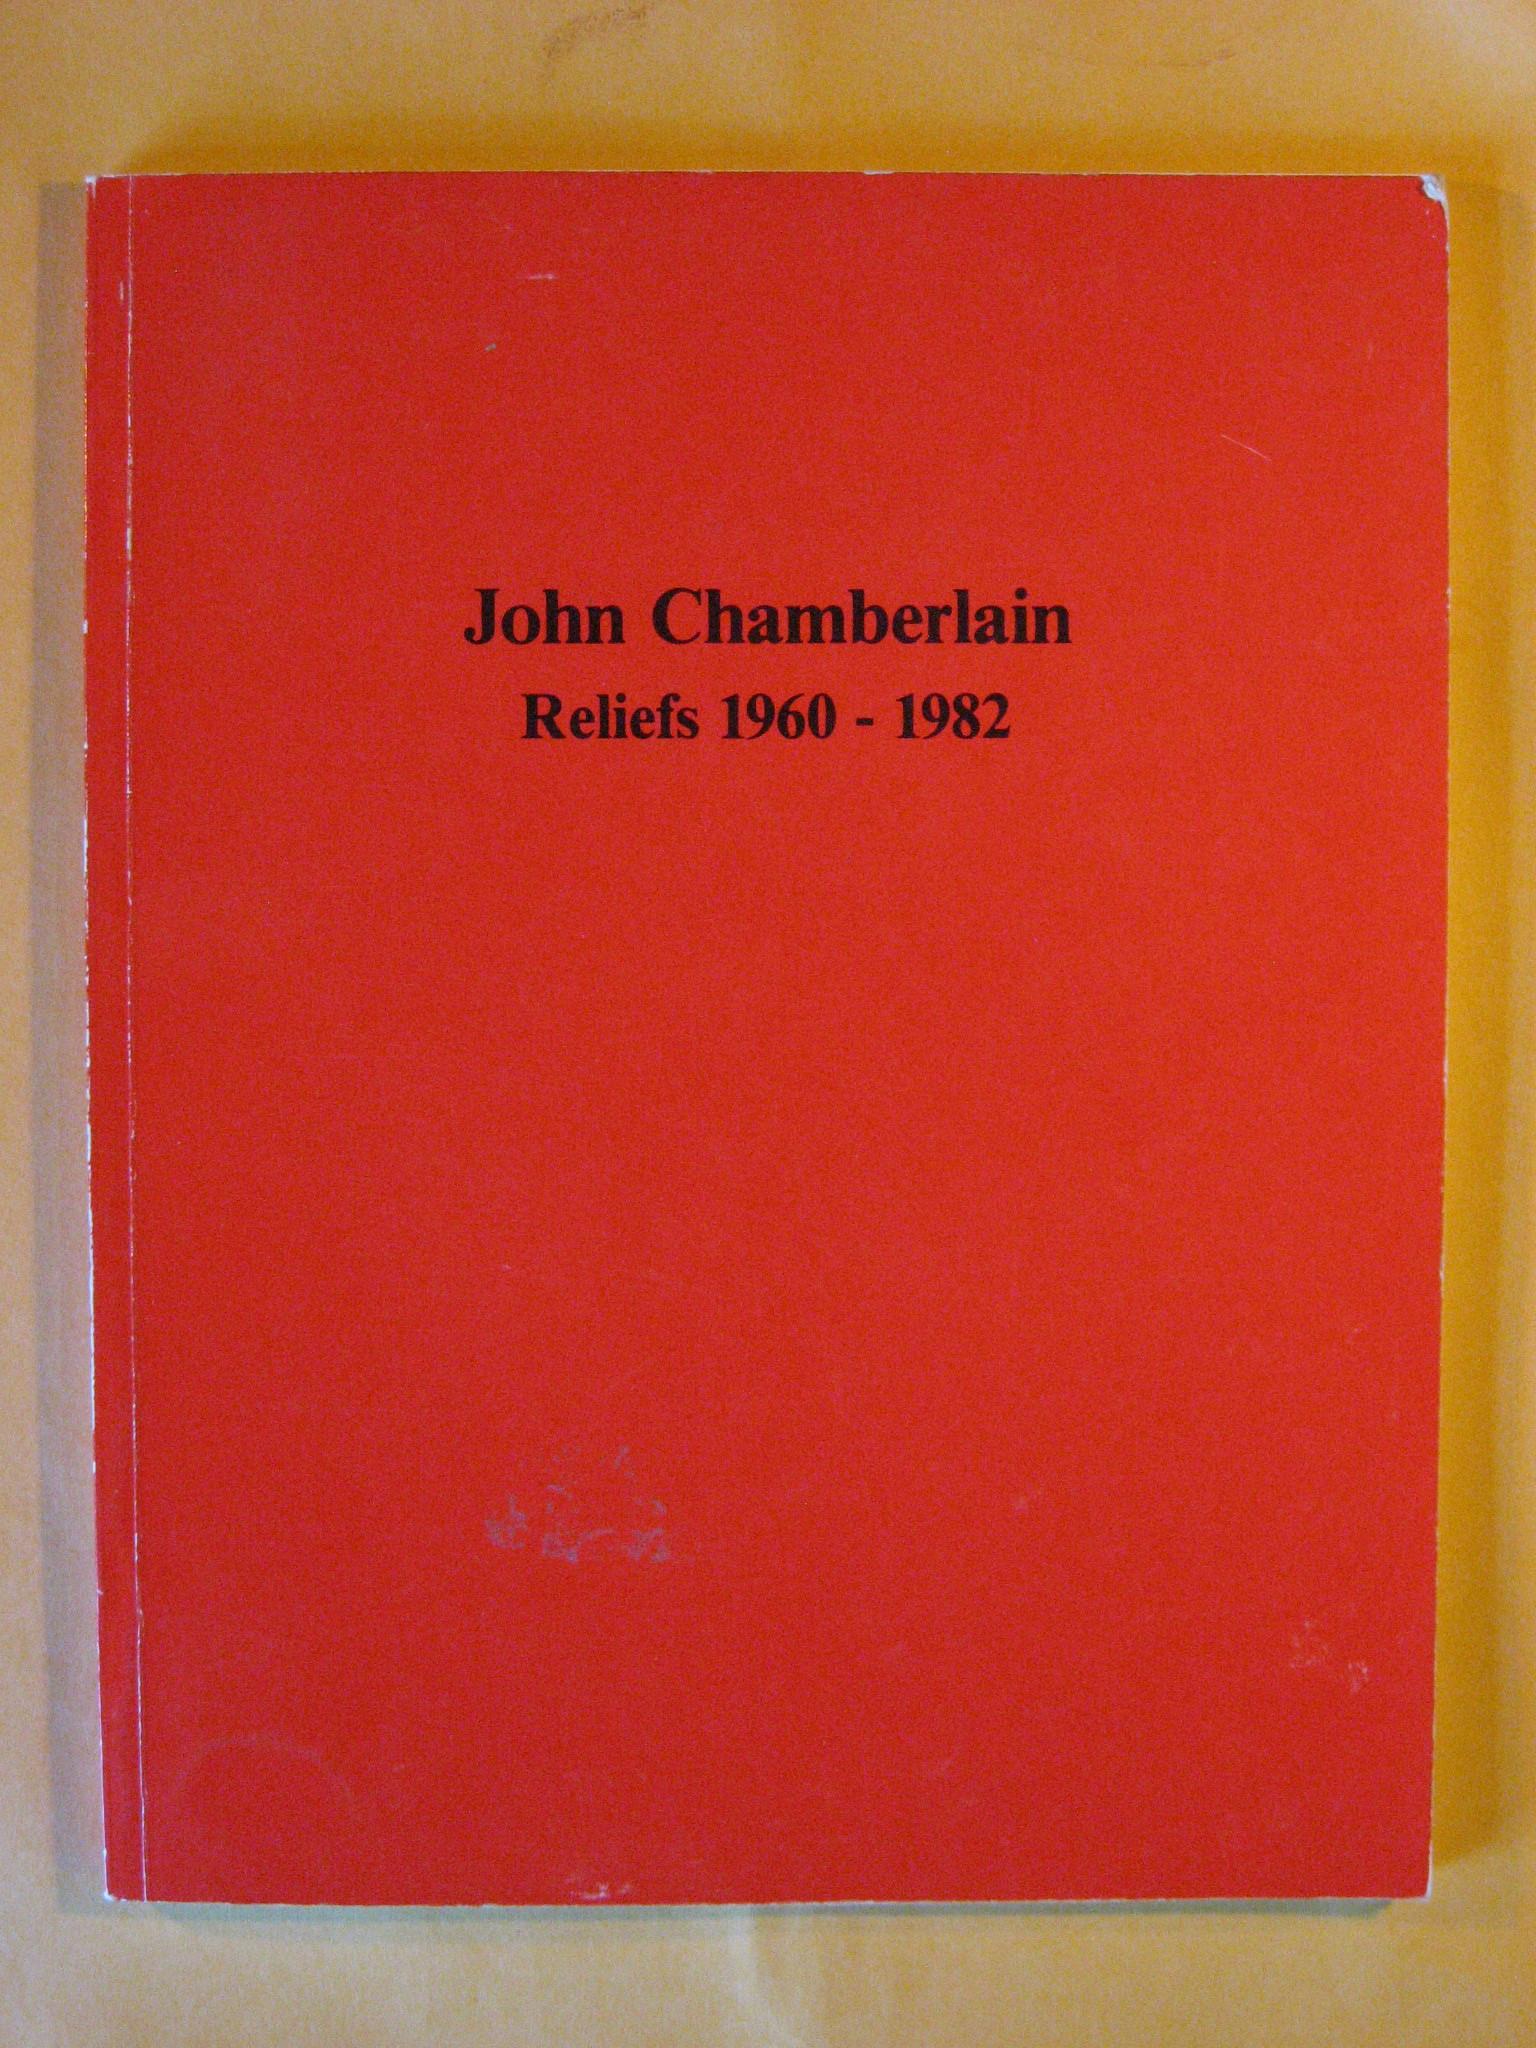 Image for John Chamberlain: Reliefs 1960-1983